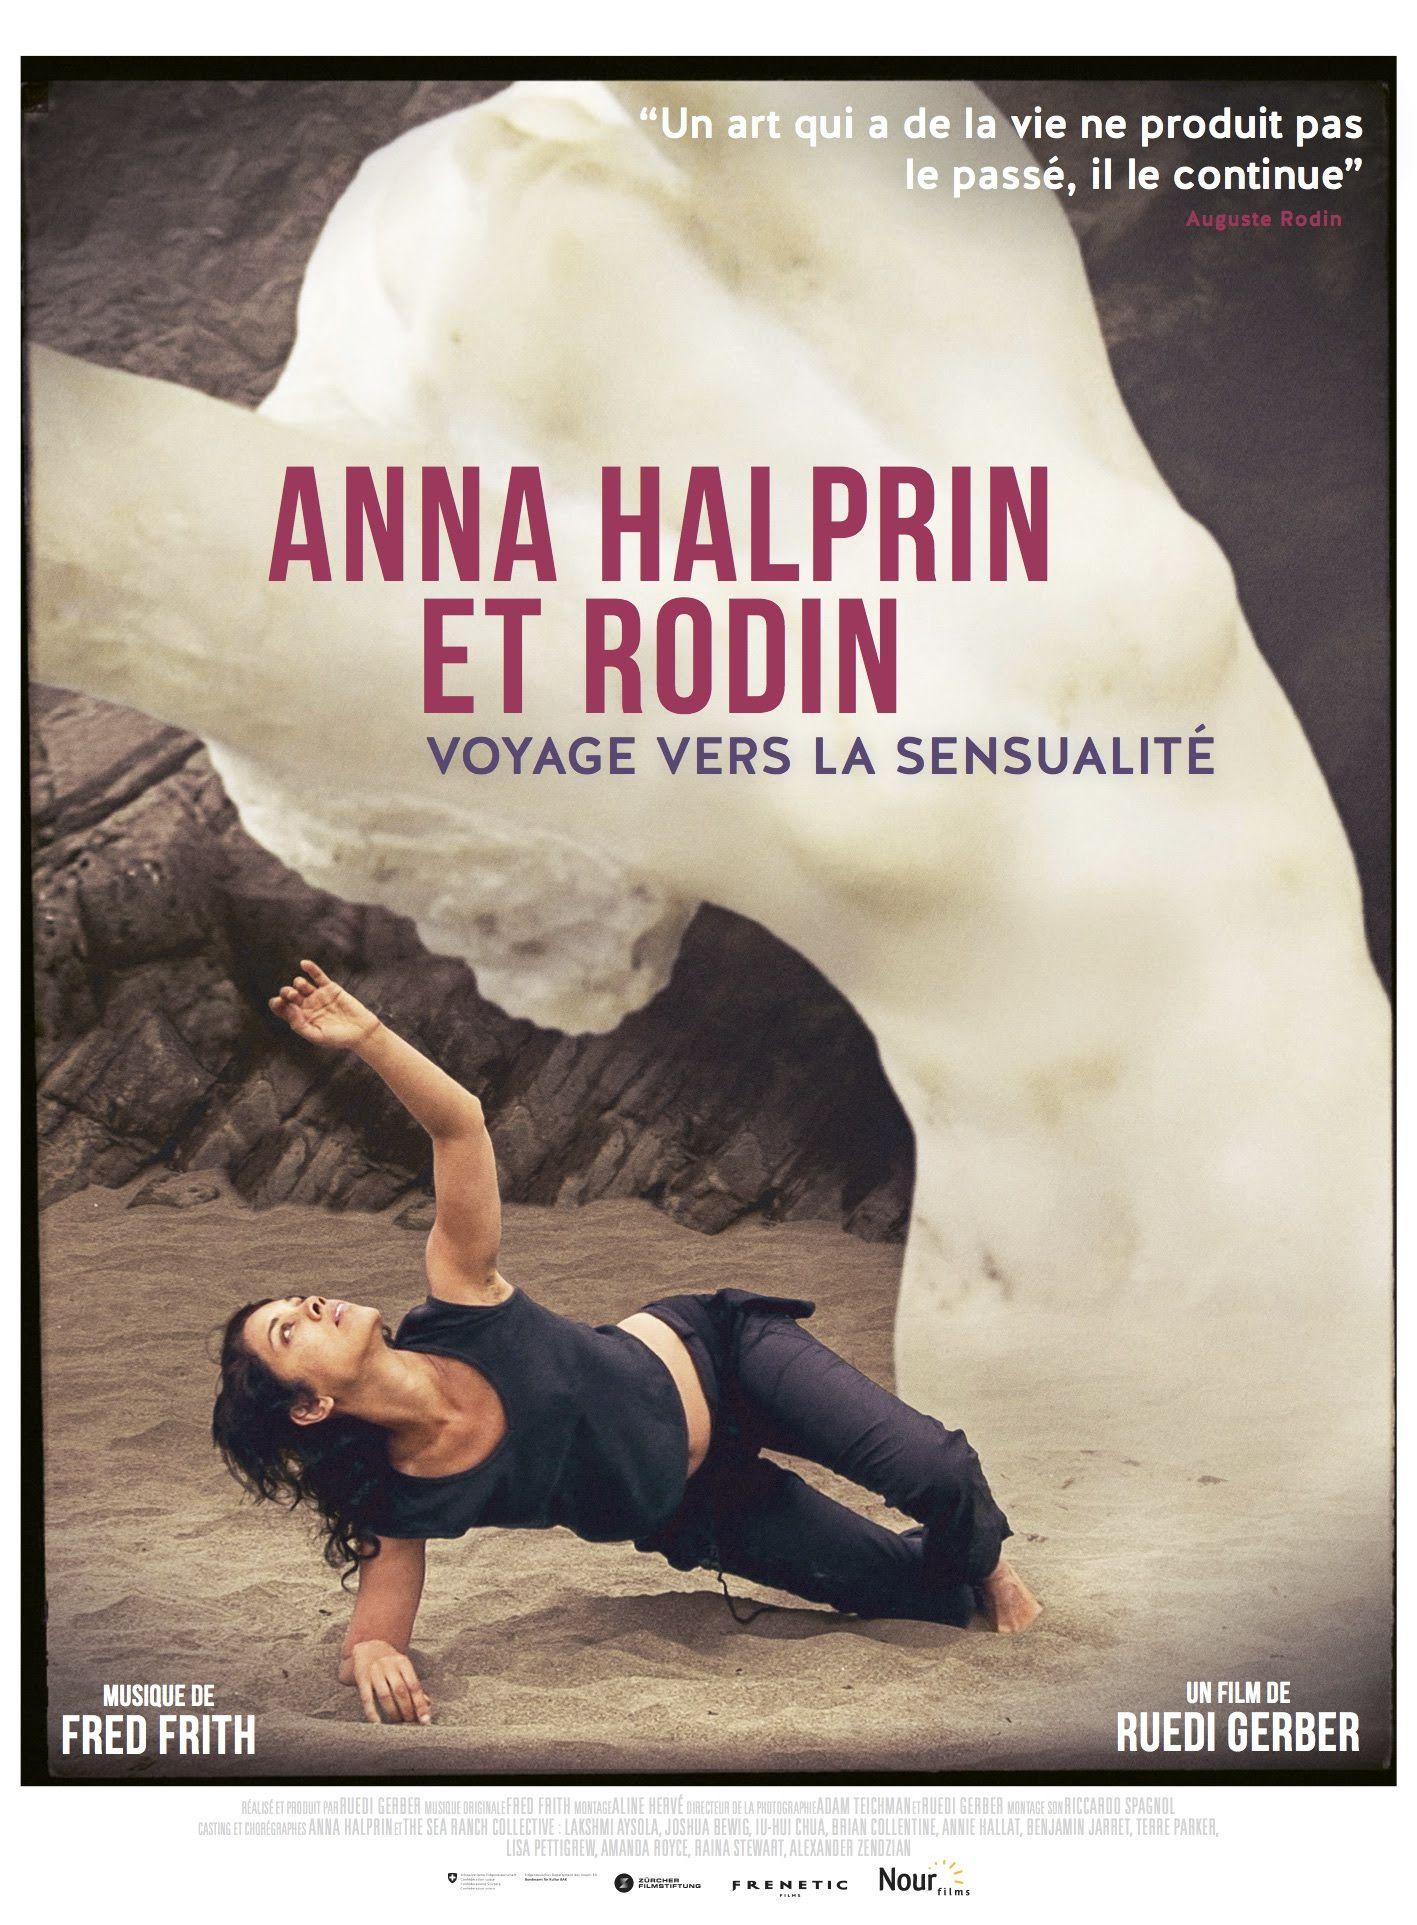 Anna Halprin et Rodin - Voyage vers la sensualité - Documentaire (2016)